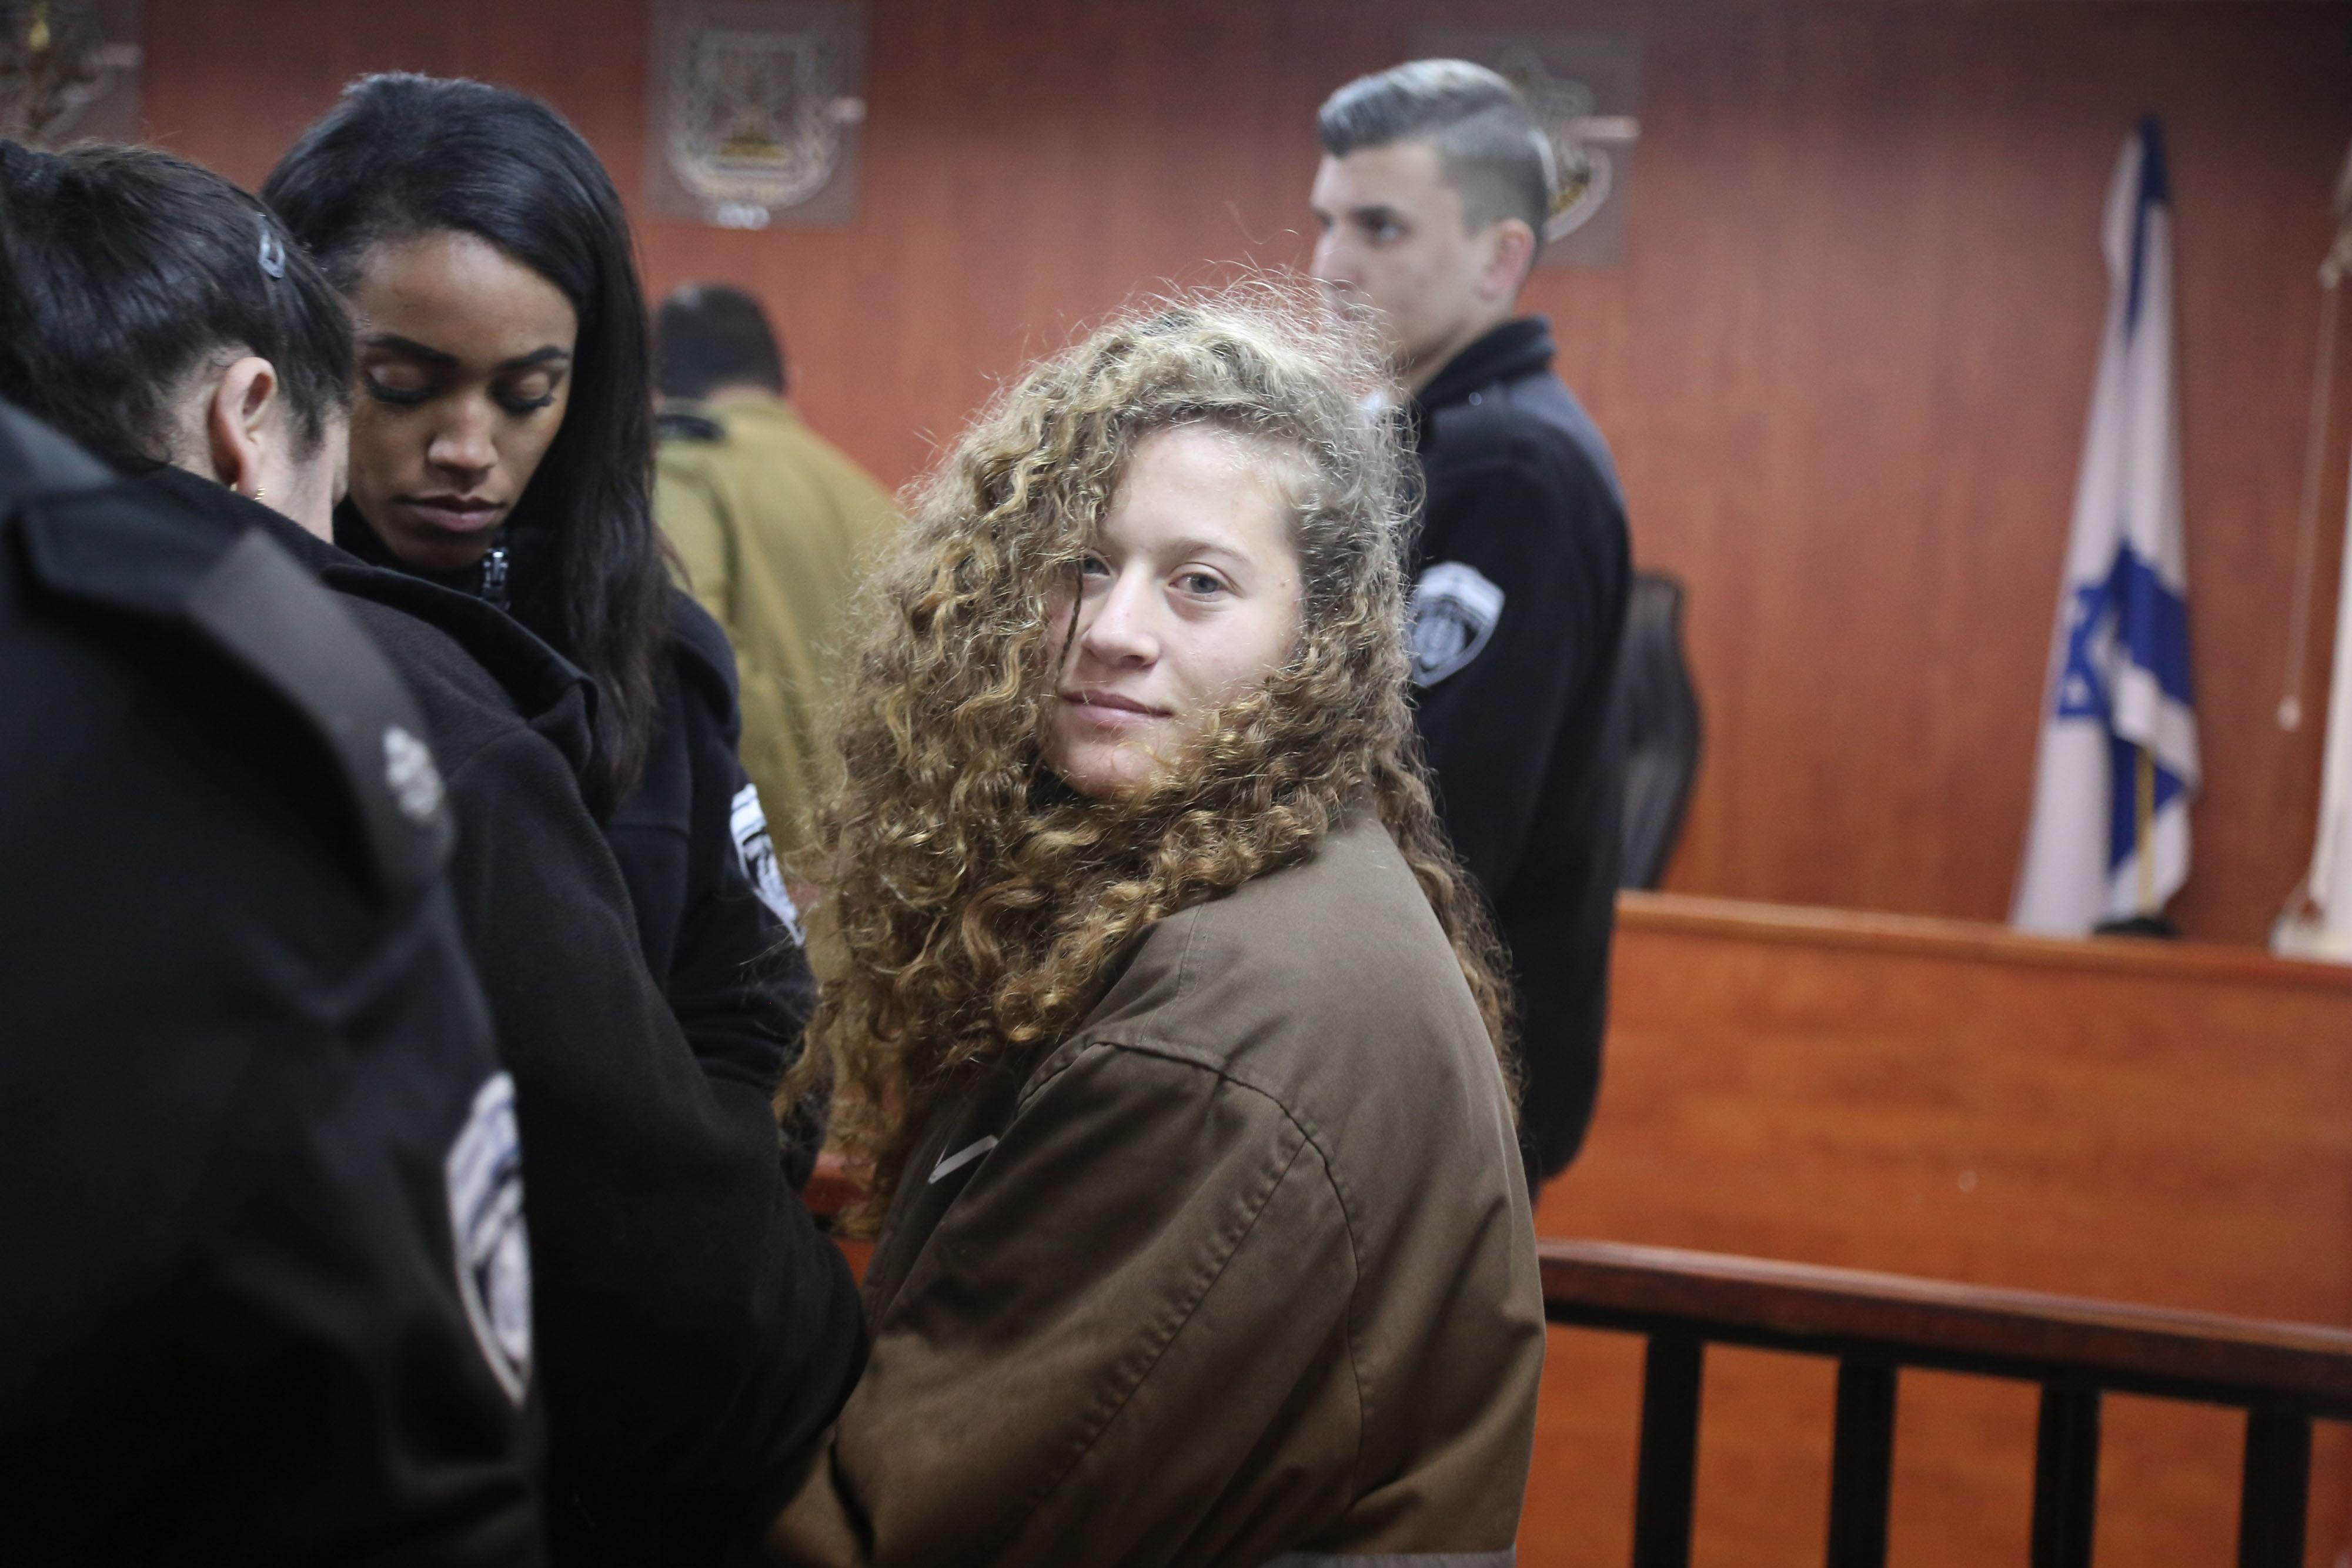 16 éves, megpofozott egy izraeli katonát, egész életére börtönbe küldenék